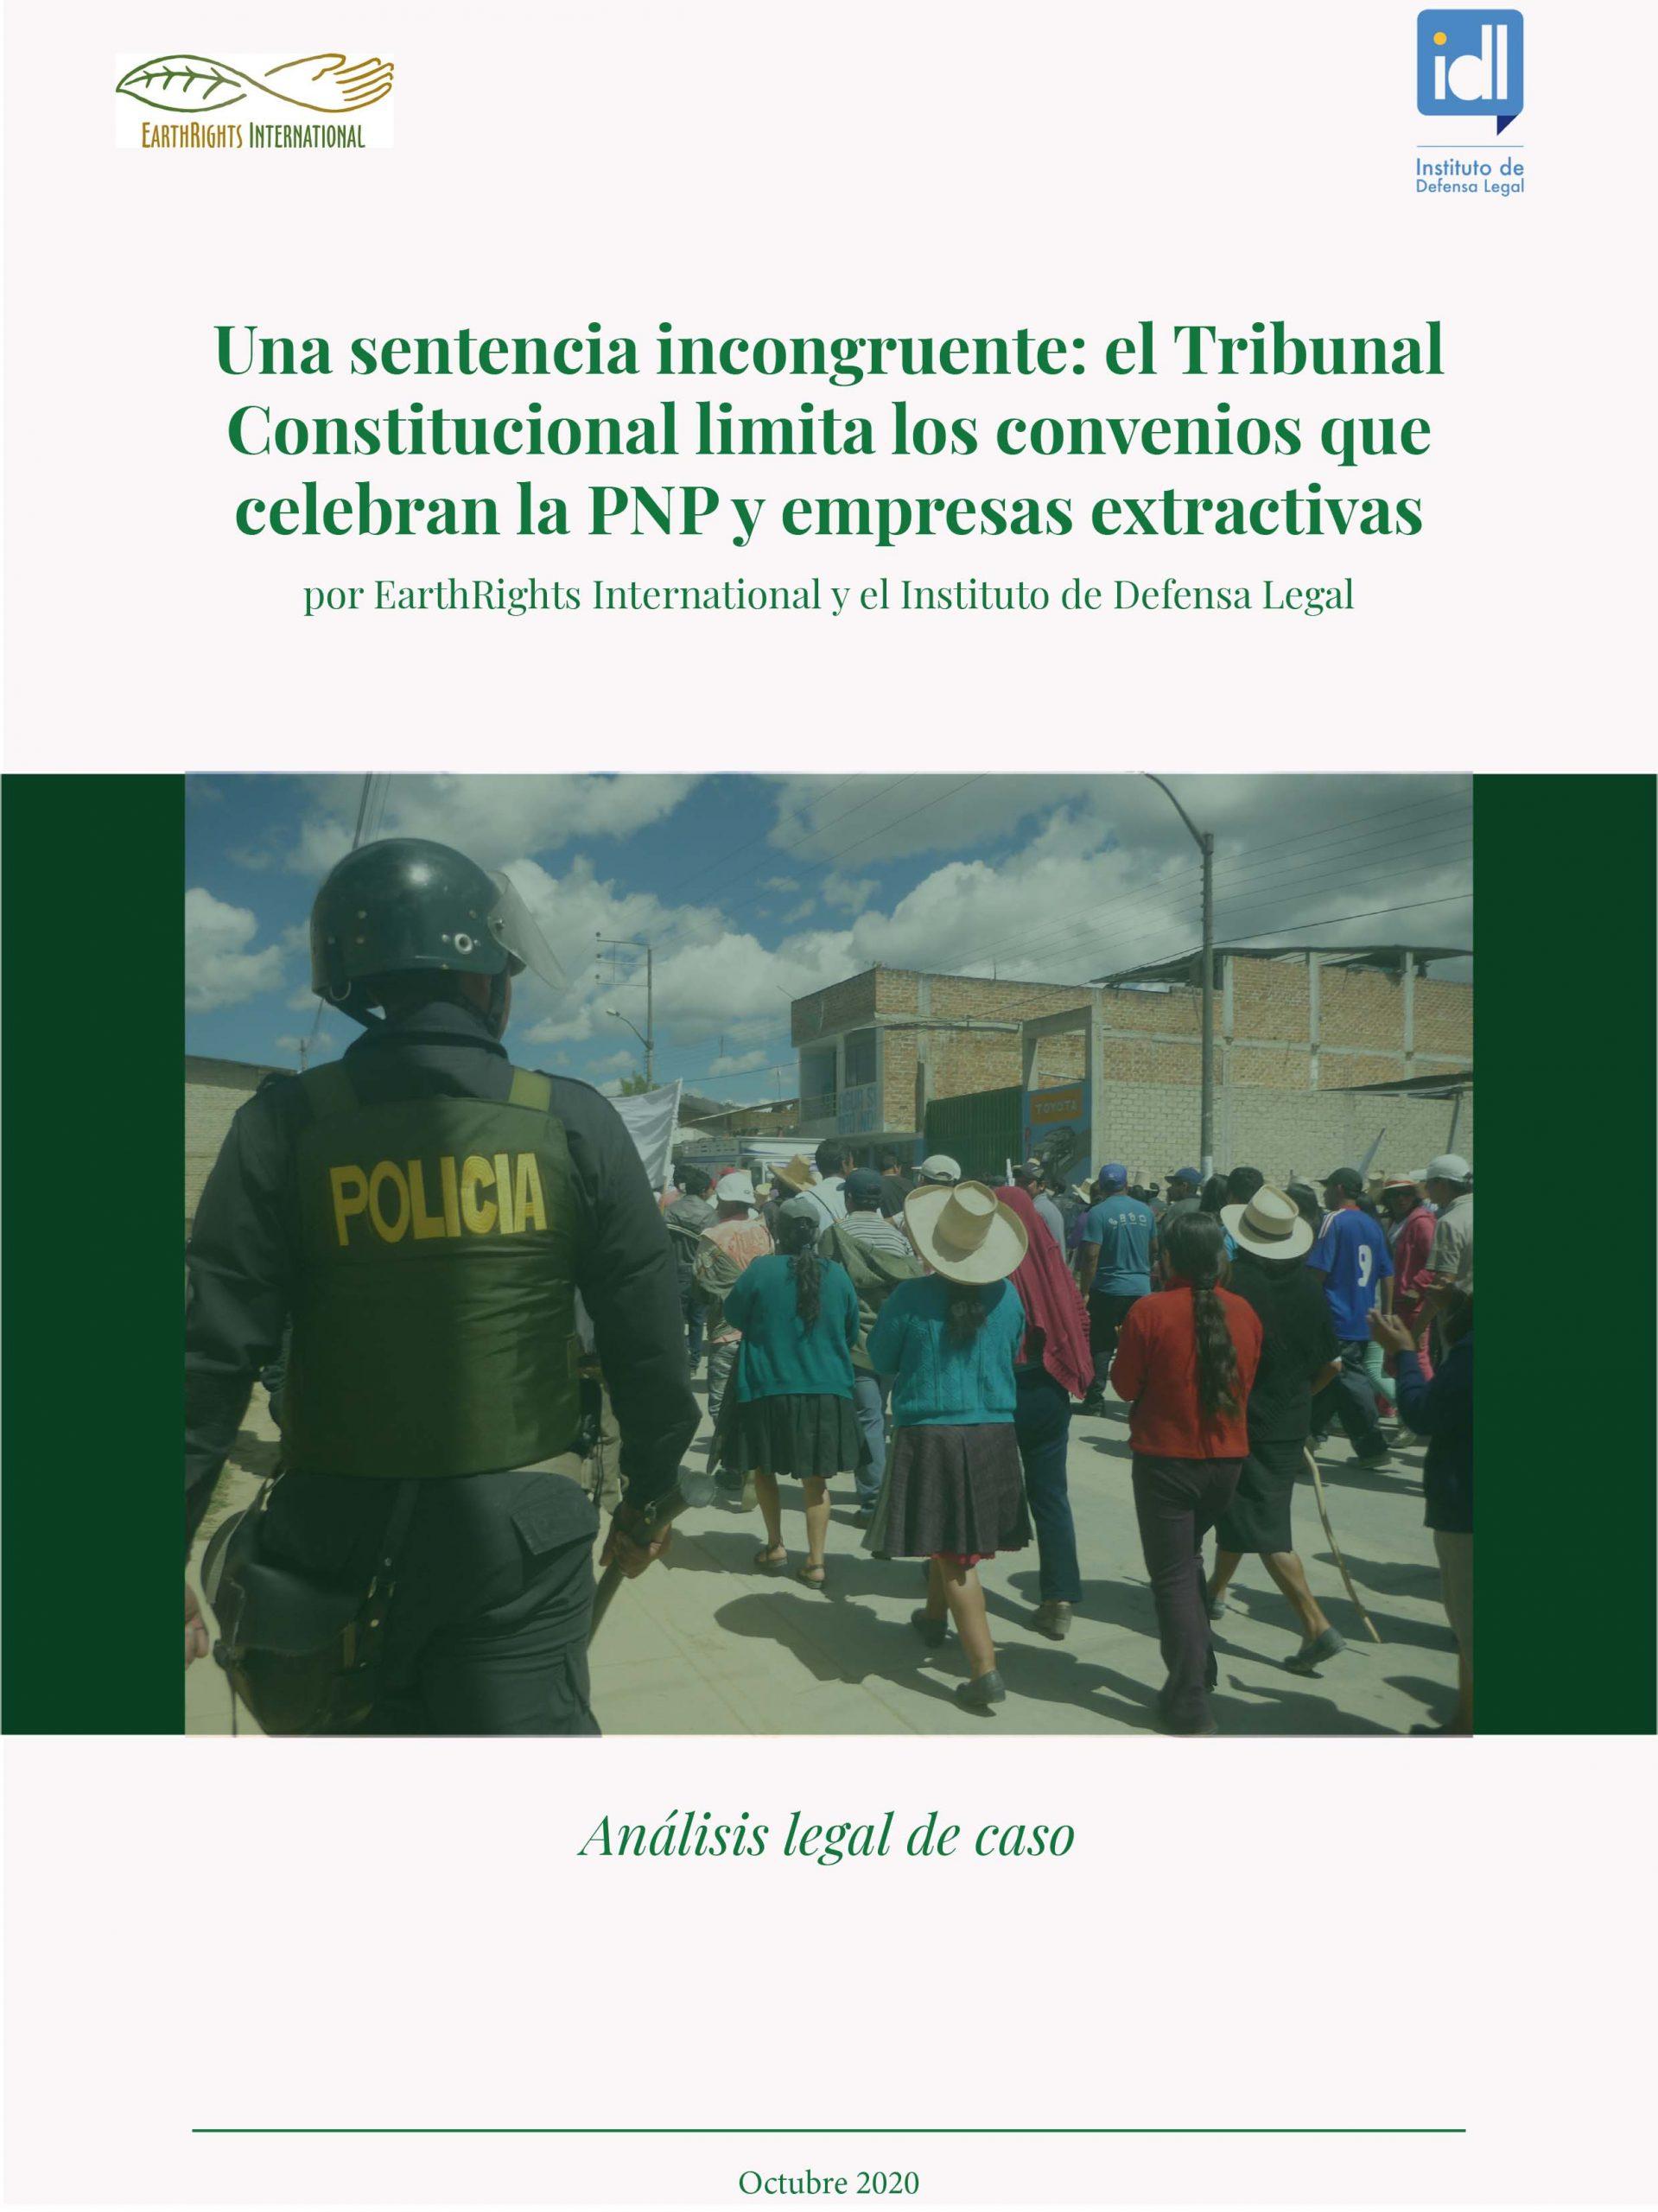 Una sentencia incongruente: el Tribunal Constitucional limita los convenios que celebran la PNP y empresas extractivas